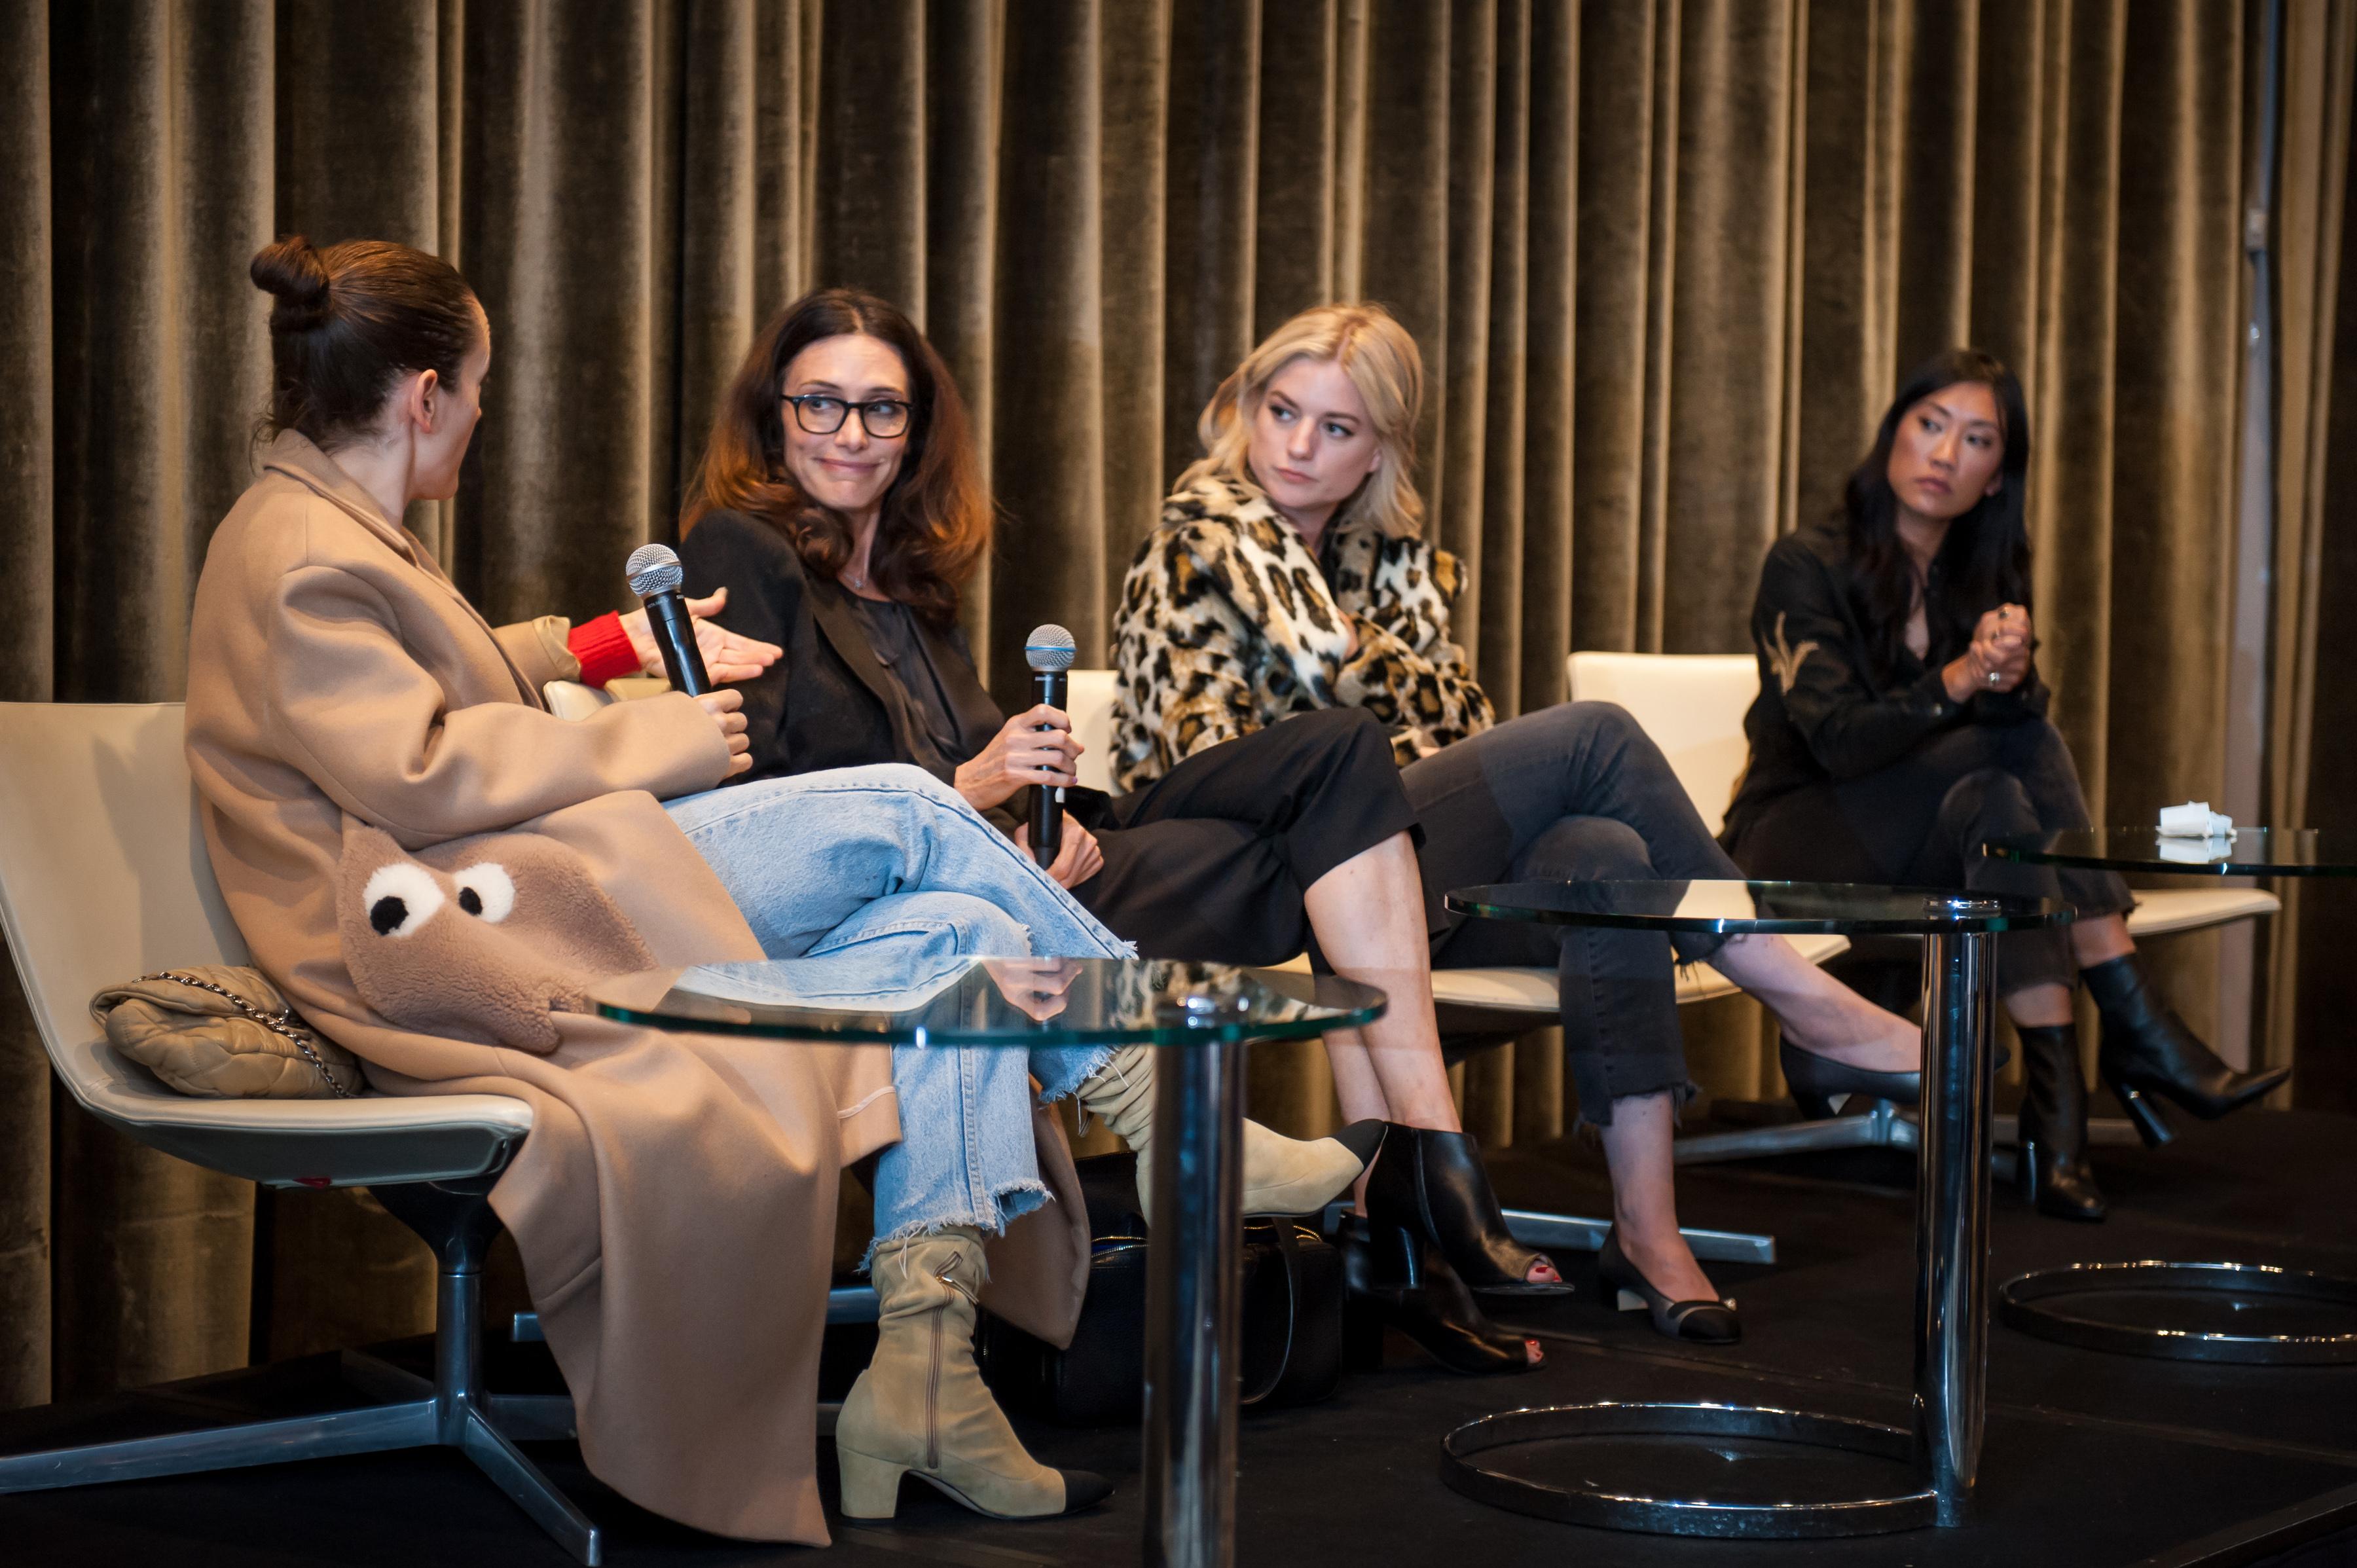 Karla Welch, Elizabeth Stewart, Ilaria Urbinati